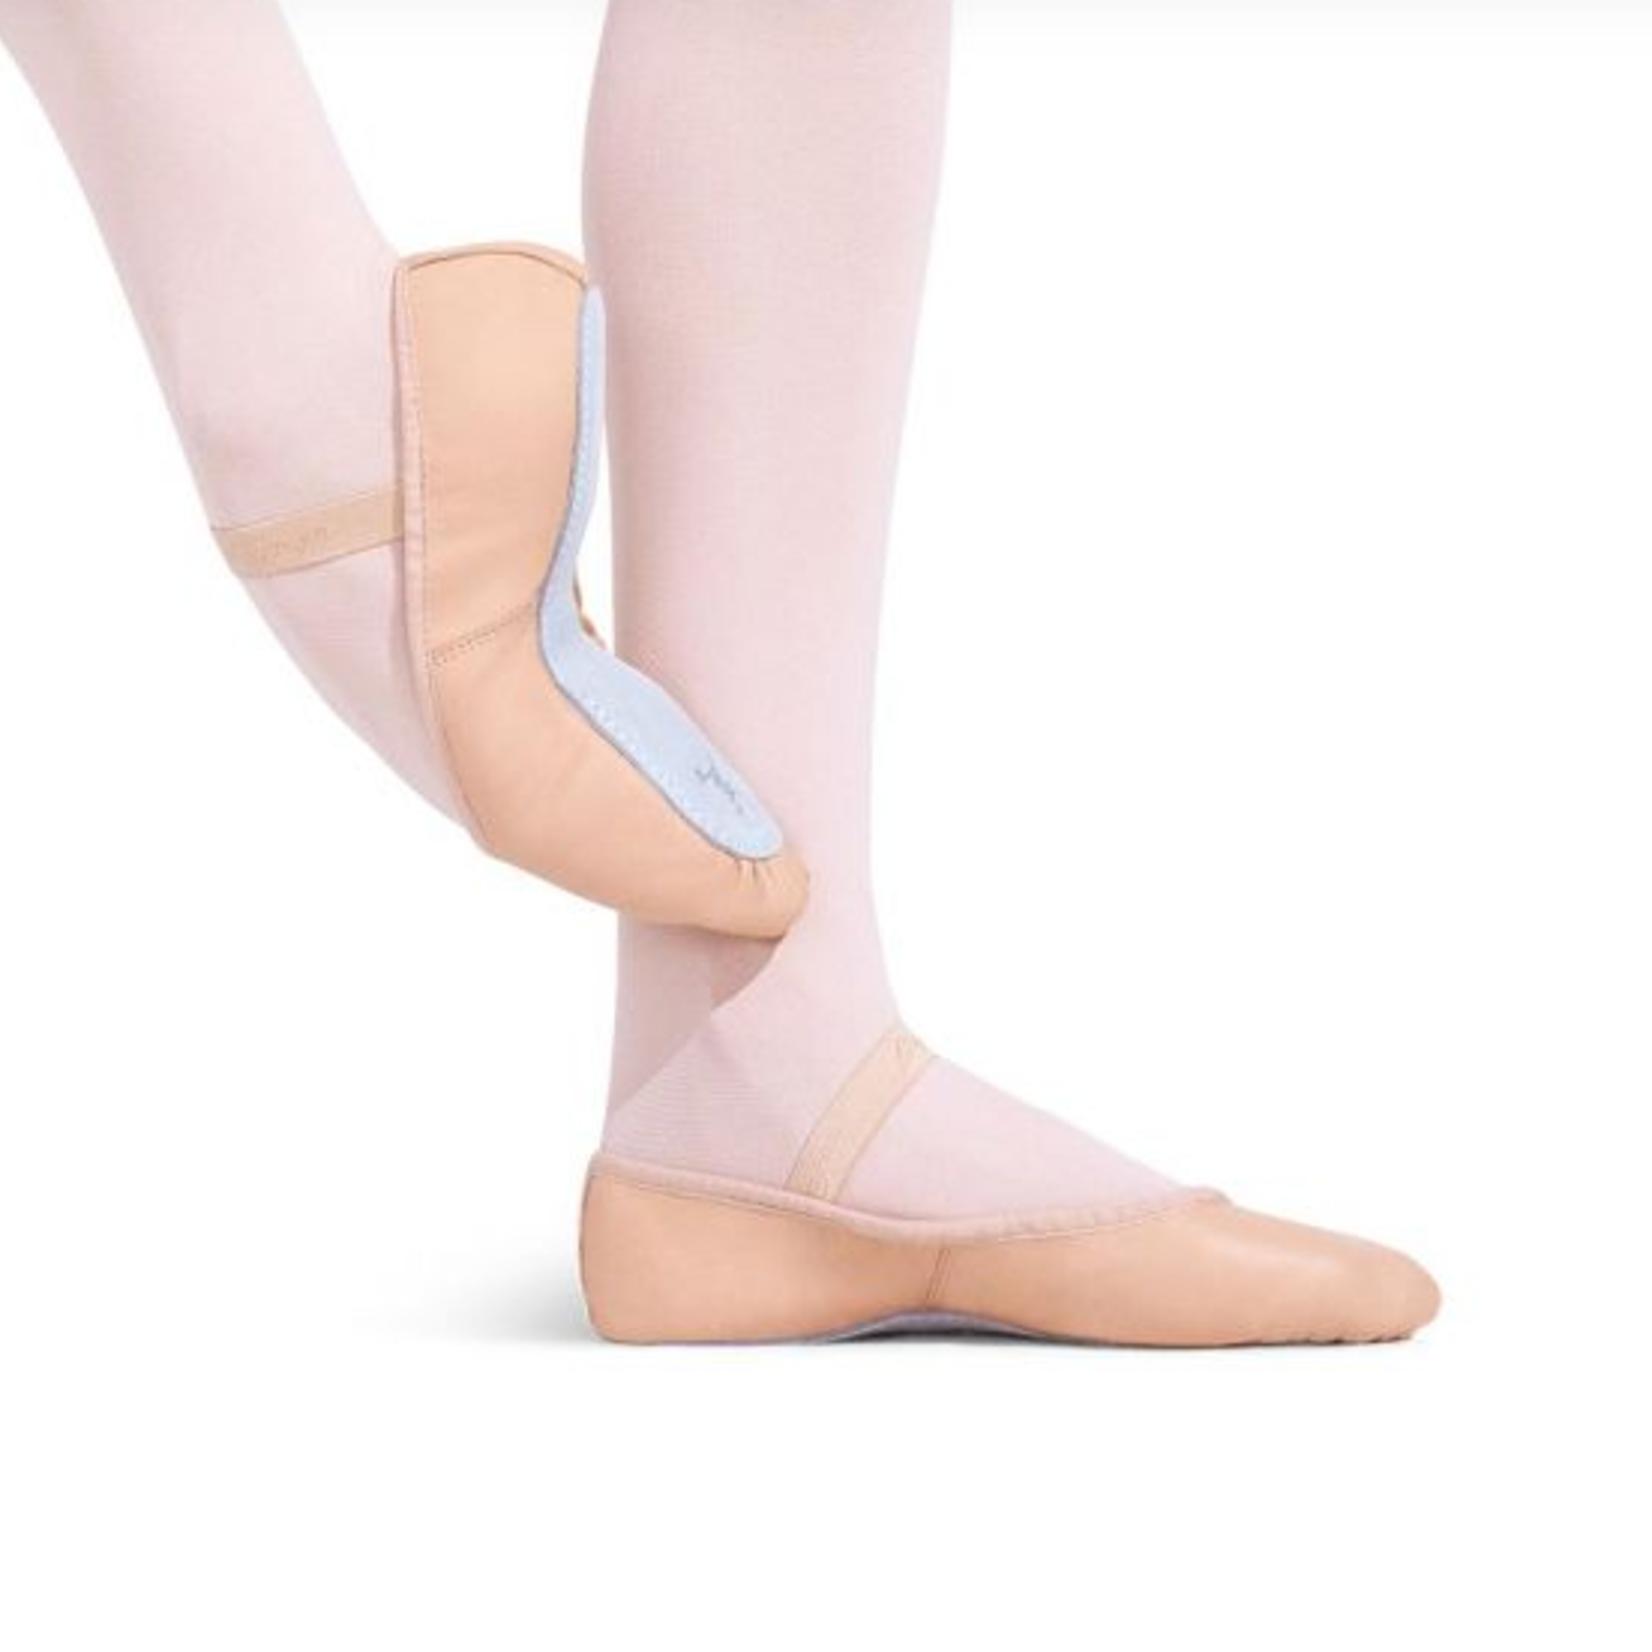 Capezio Capezio 205 Daisy Adult Full-Sole Ballet